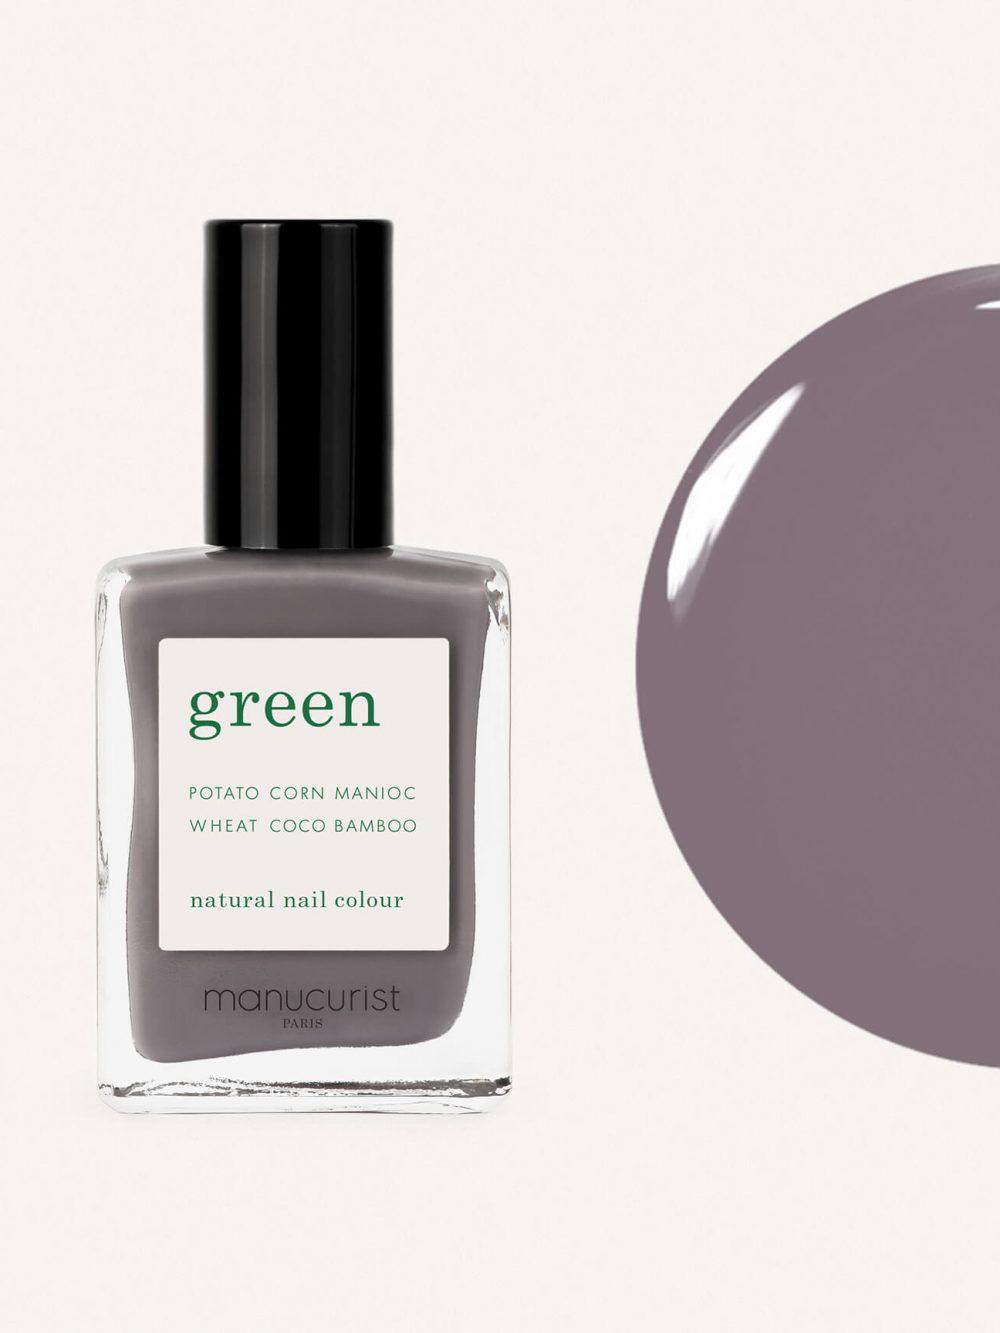 vernis à ongles bio green de la marque Manucurist made in france de couleur taupe slate